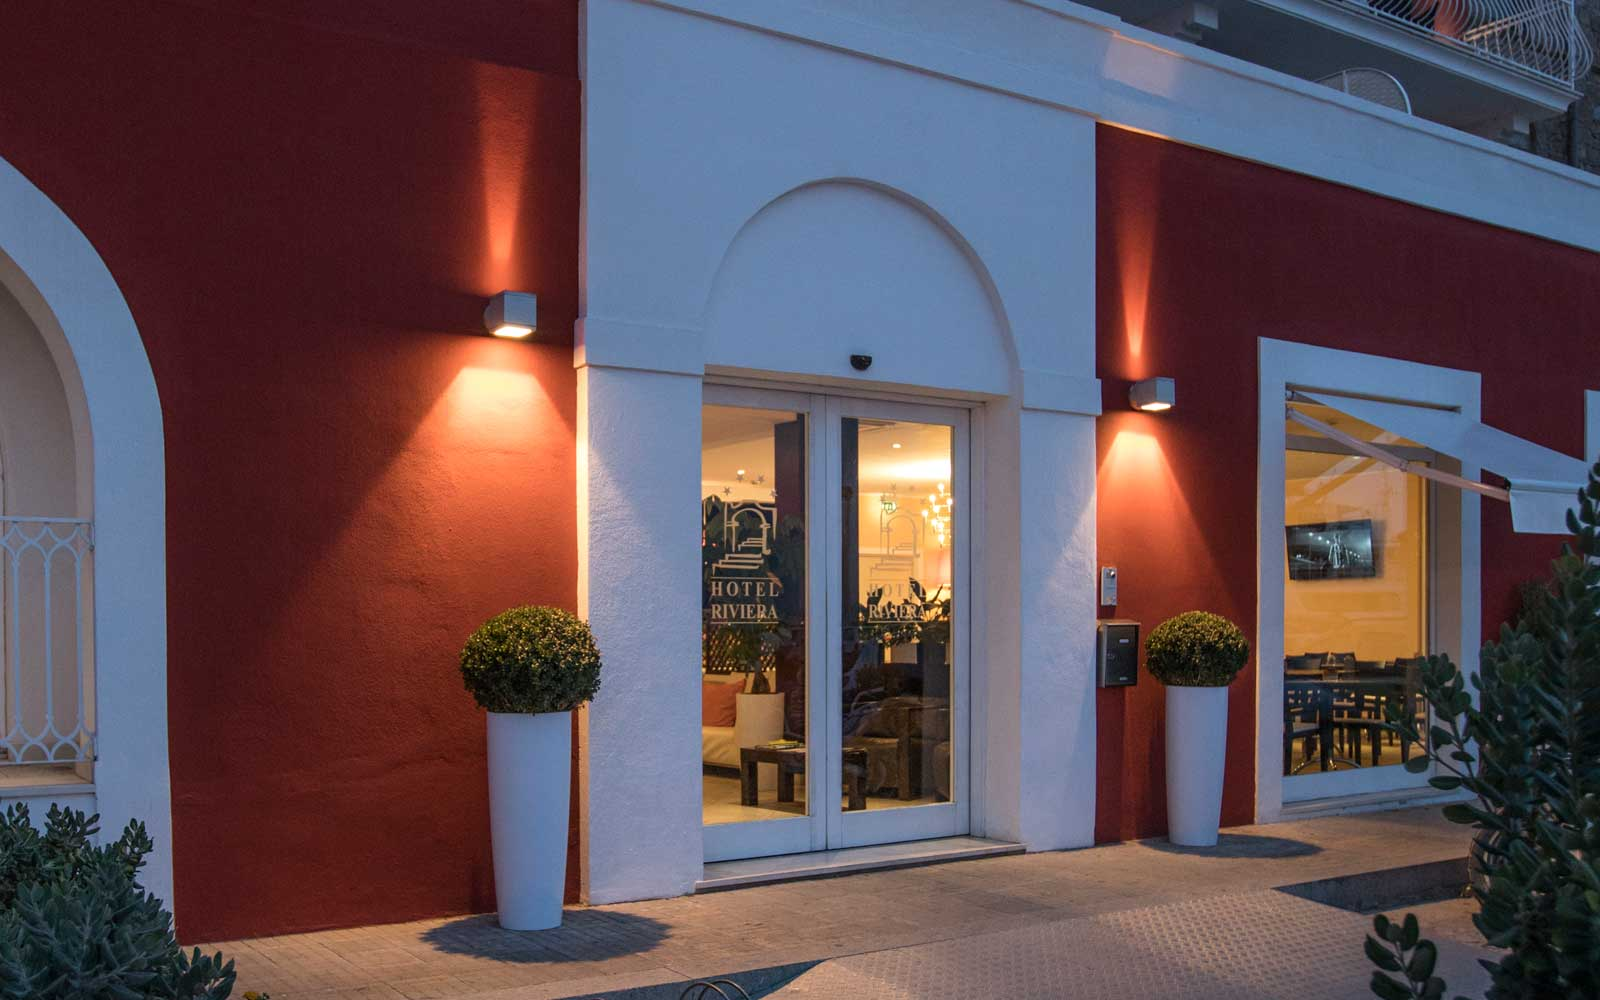 Entrance at Hotel Riviera